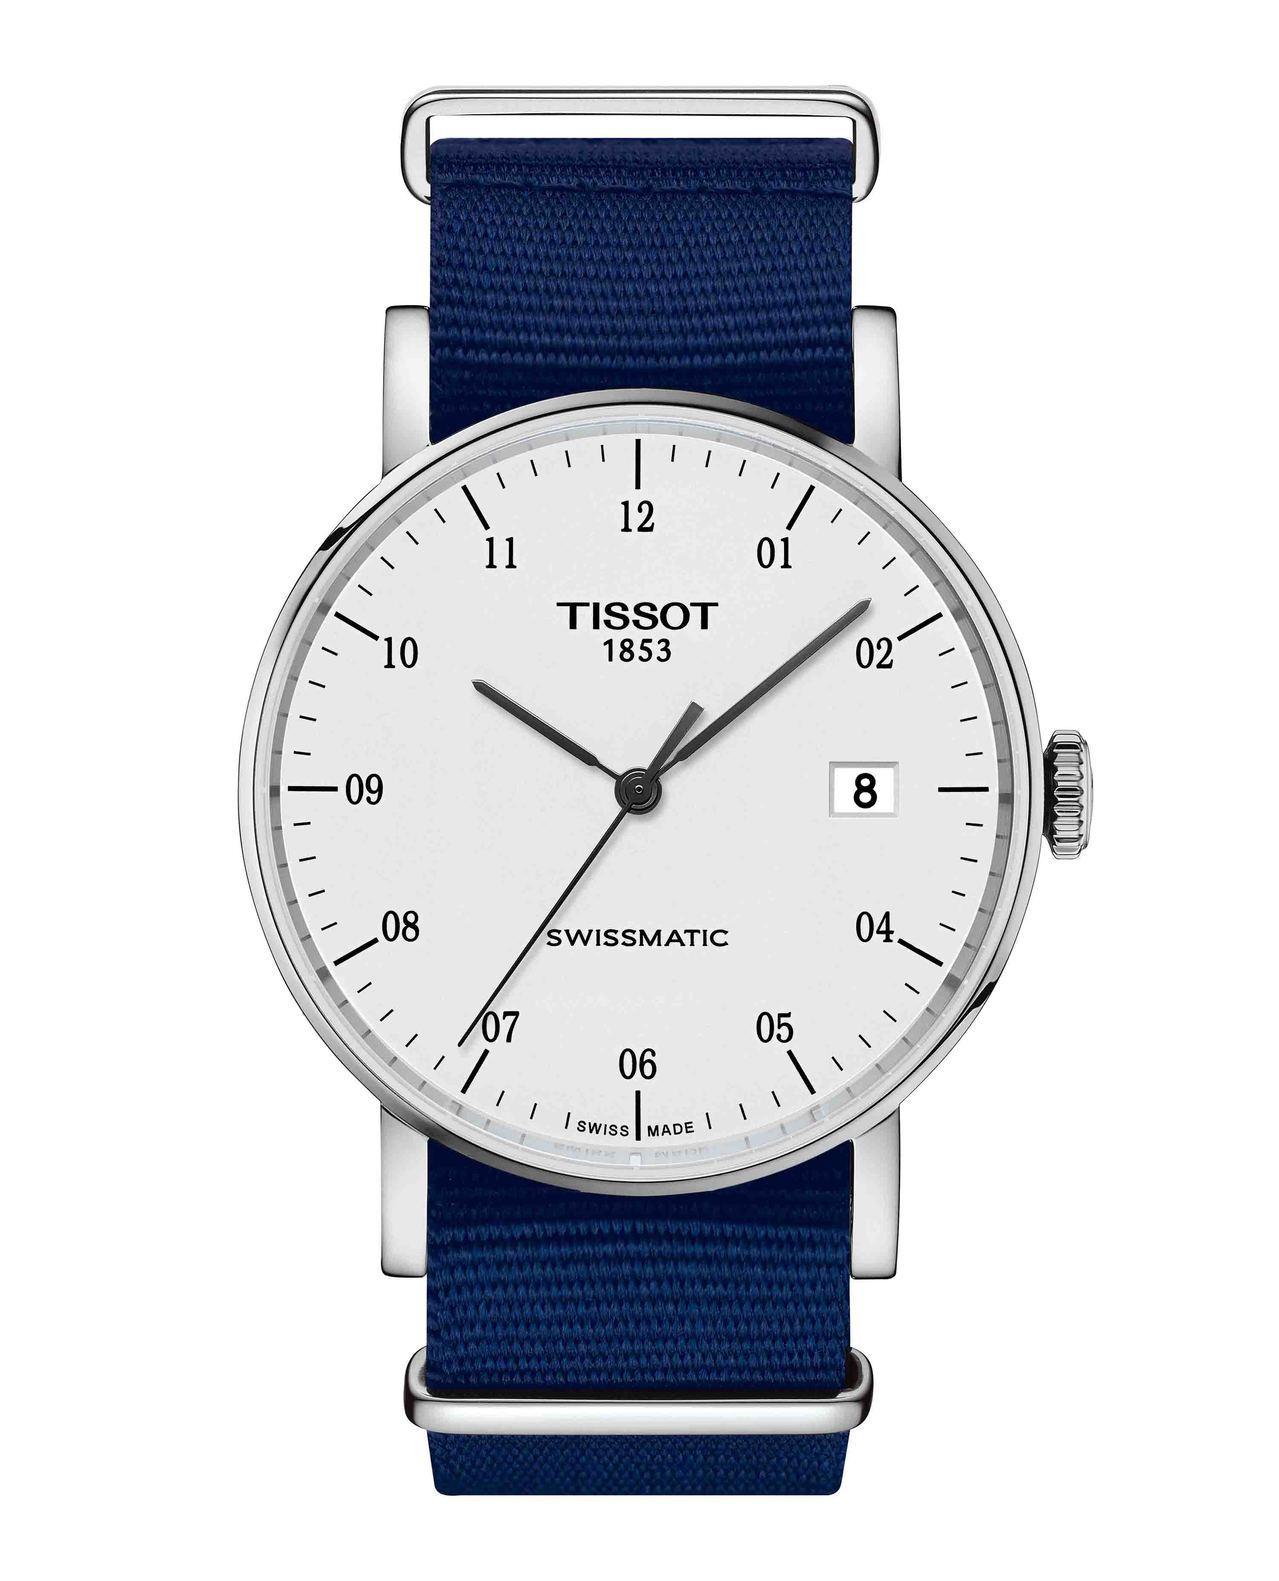 天梭Everytime Swissmatic魅時系列腕表,採用Swissmati...